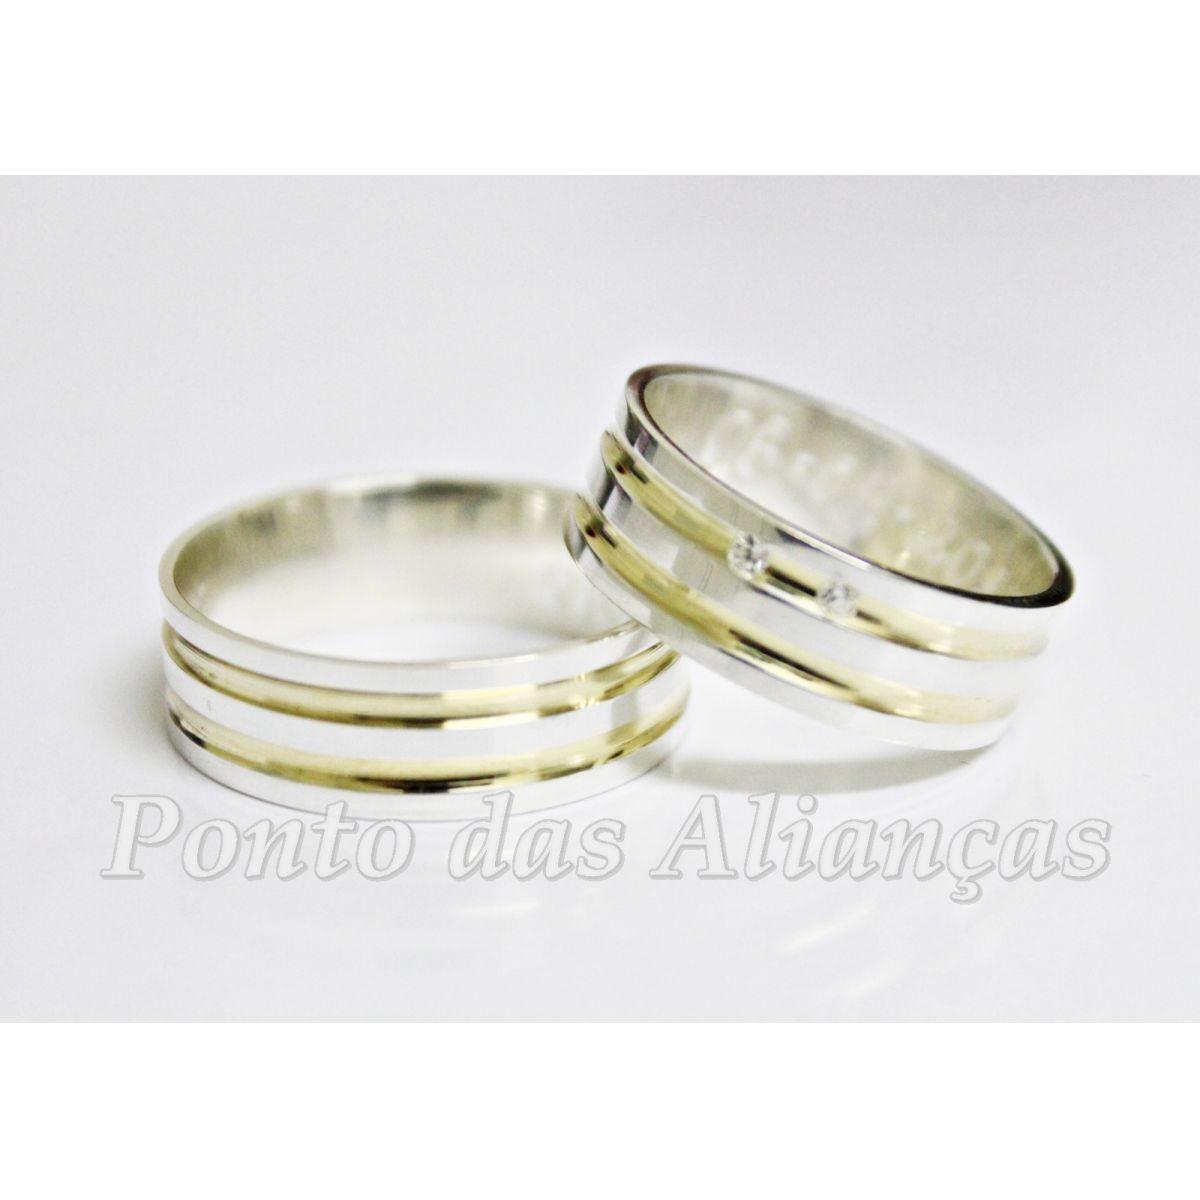 Alianças de Prata Compromisso - Noivado 3008